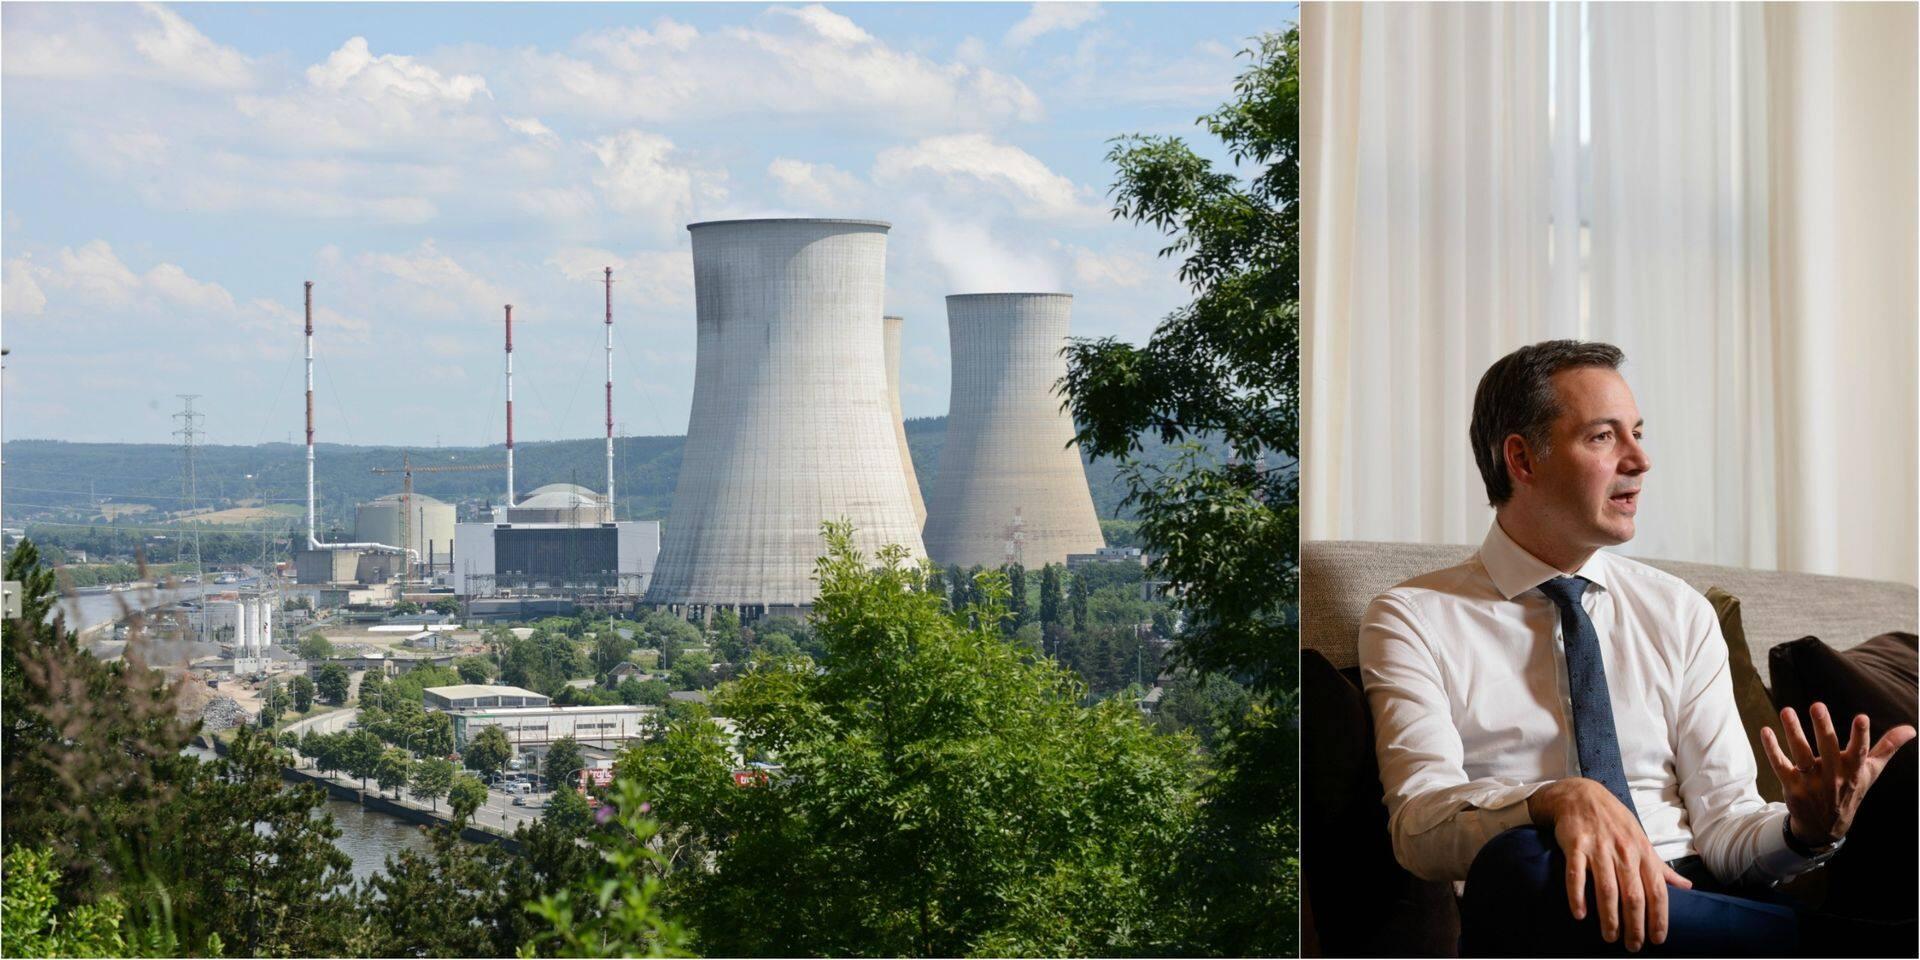 """Sortie du nucléaire : """"Il faut sortir de l'intox politique et en revenir aux faits"""""""